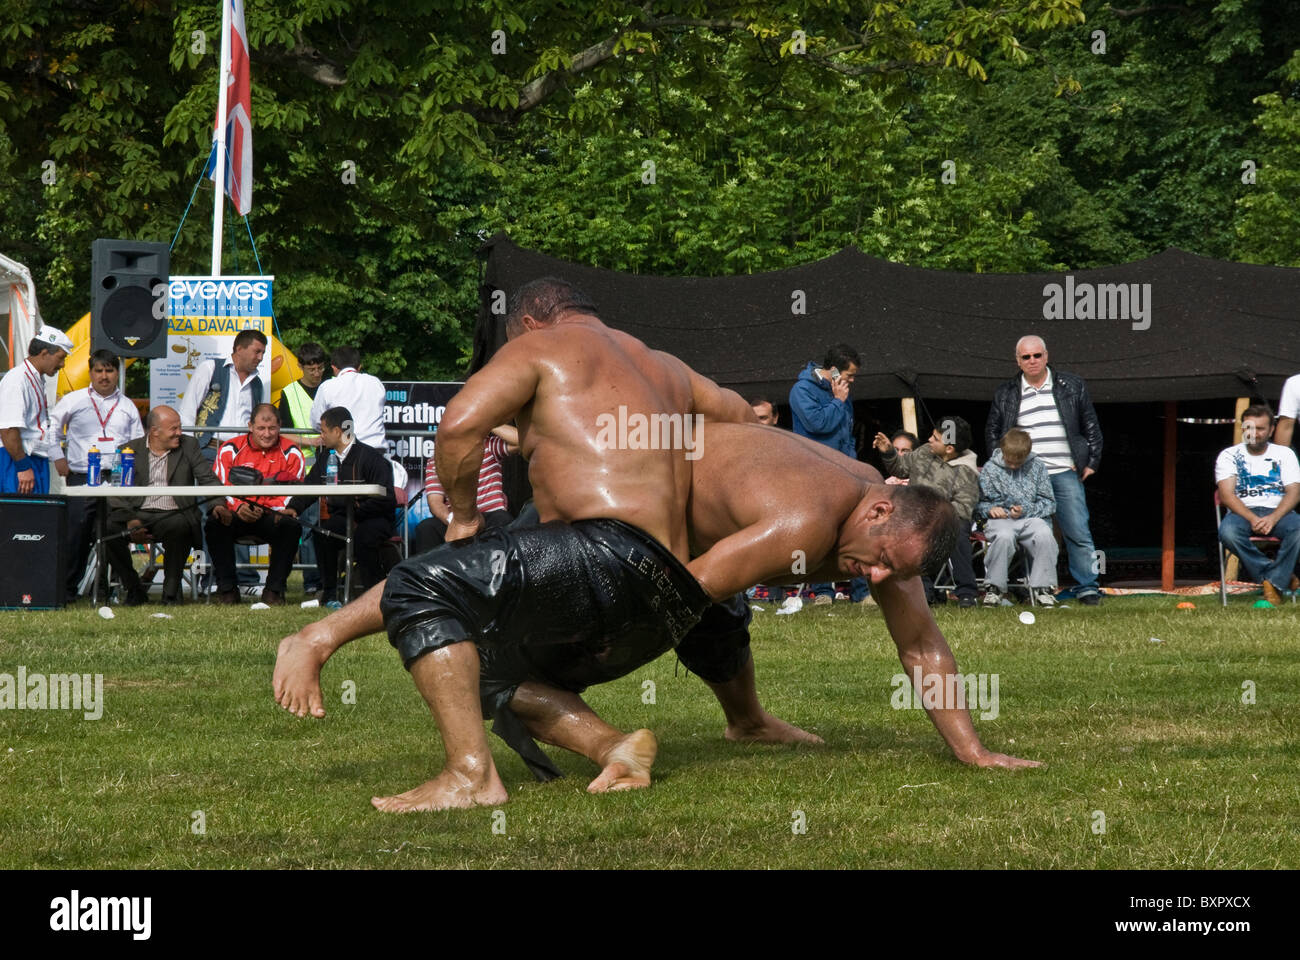 Olio turco lottatore IN CLISSOLD PARK FESTIVAL WRESTLING Immagini Stock